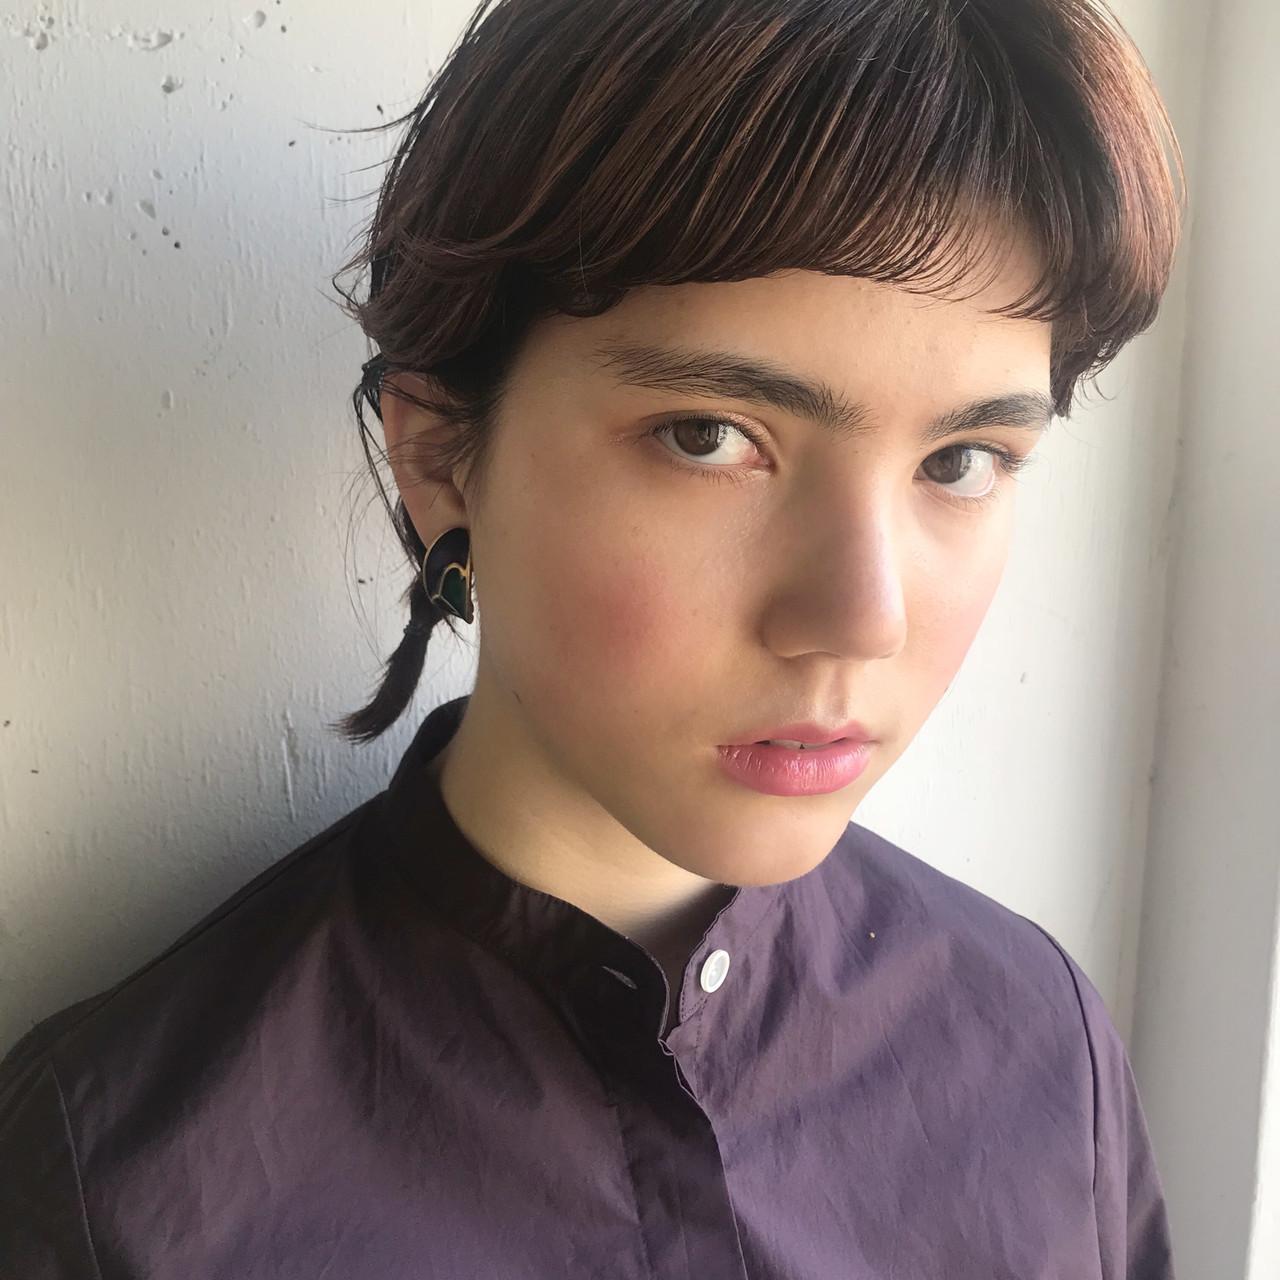 ミディアム モード 簡単ヘアアレンジ 抜け感 ヘアスタイルや髪型の写真・画像